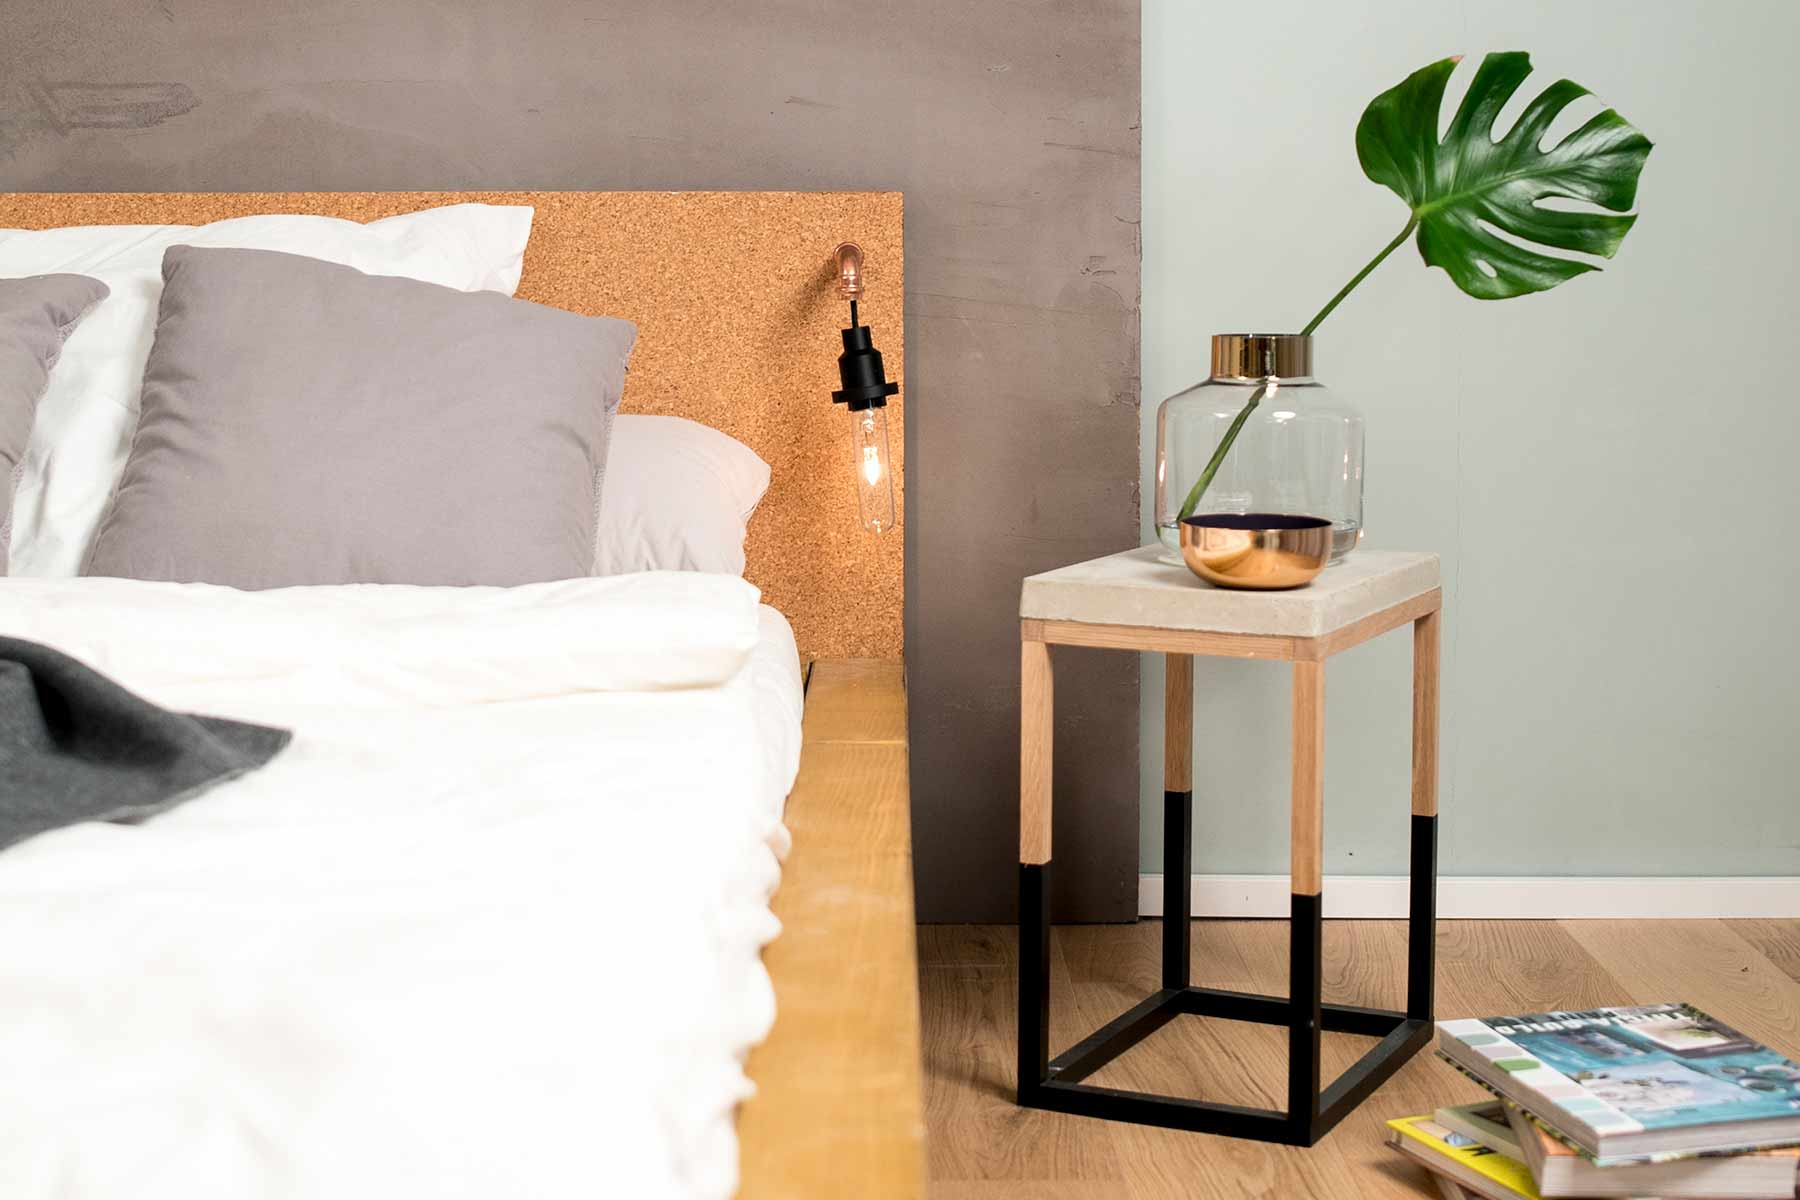 Auflage f r lattenrost bauen kreative ideen f r - Bett aus einwegpaletten ...